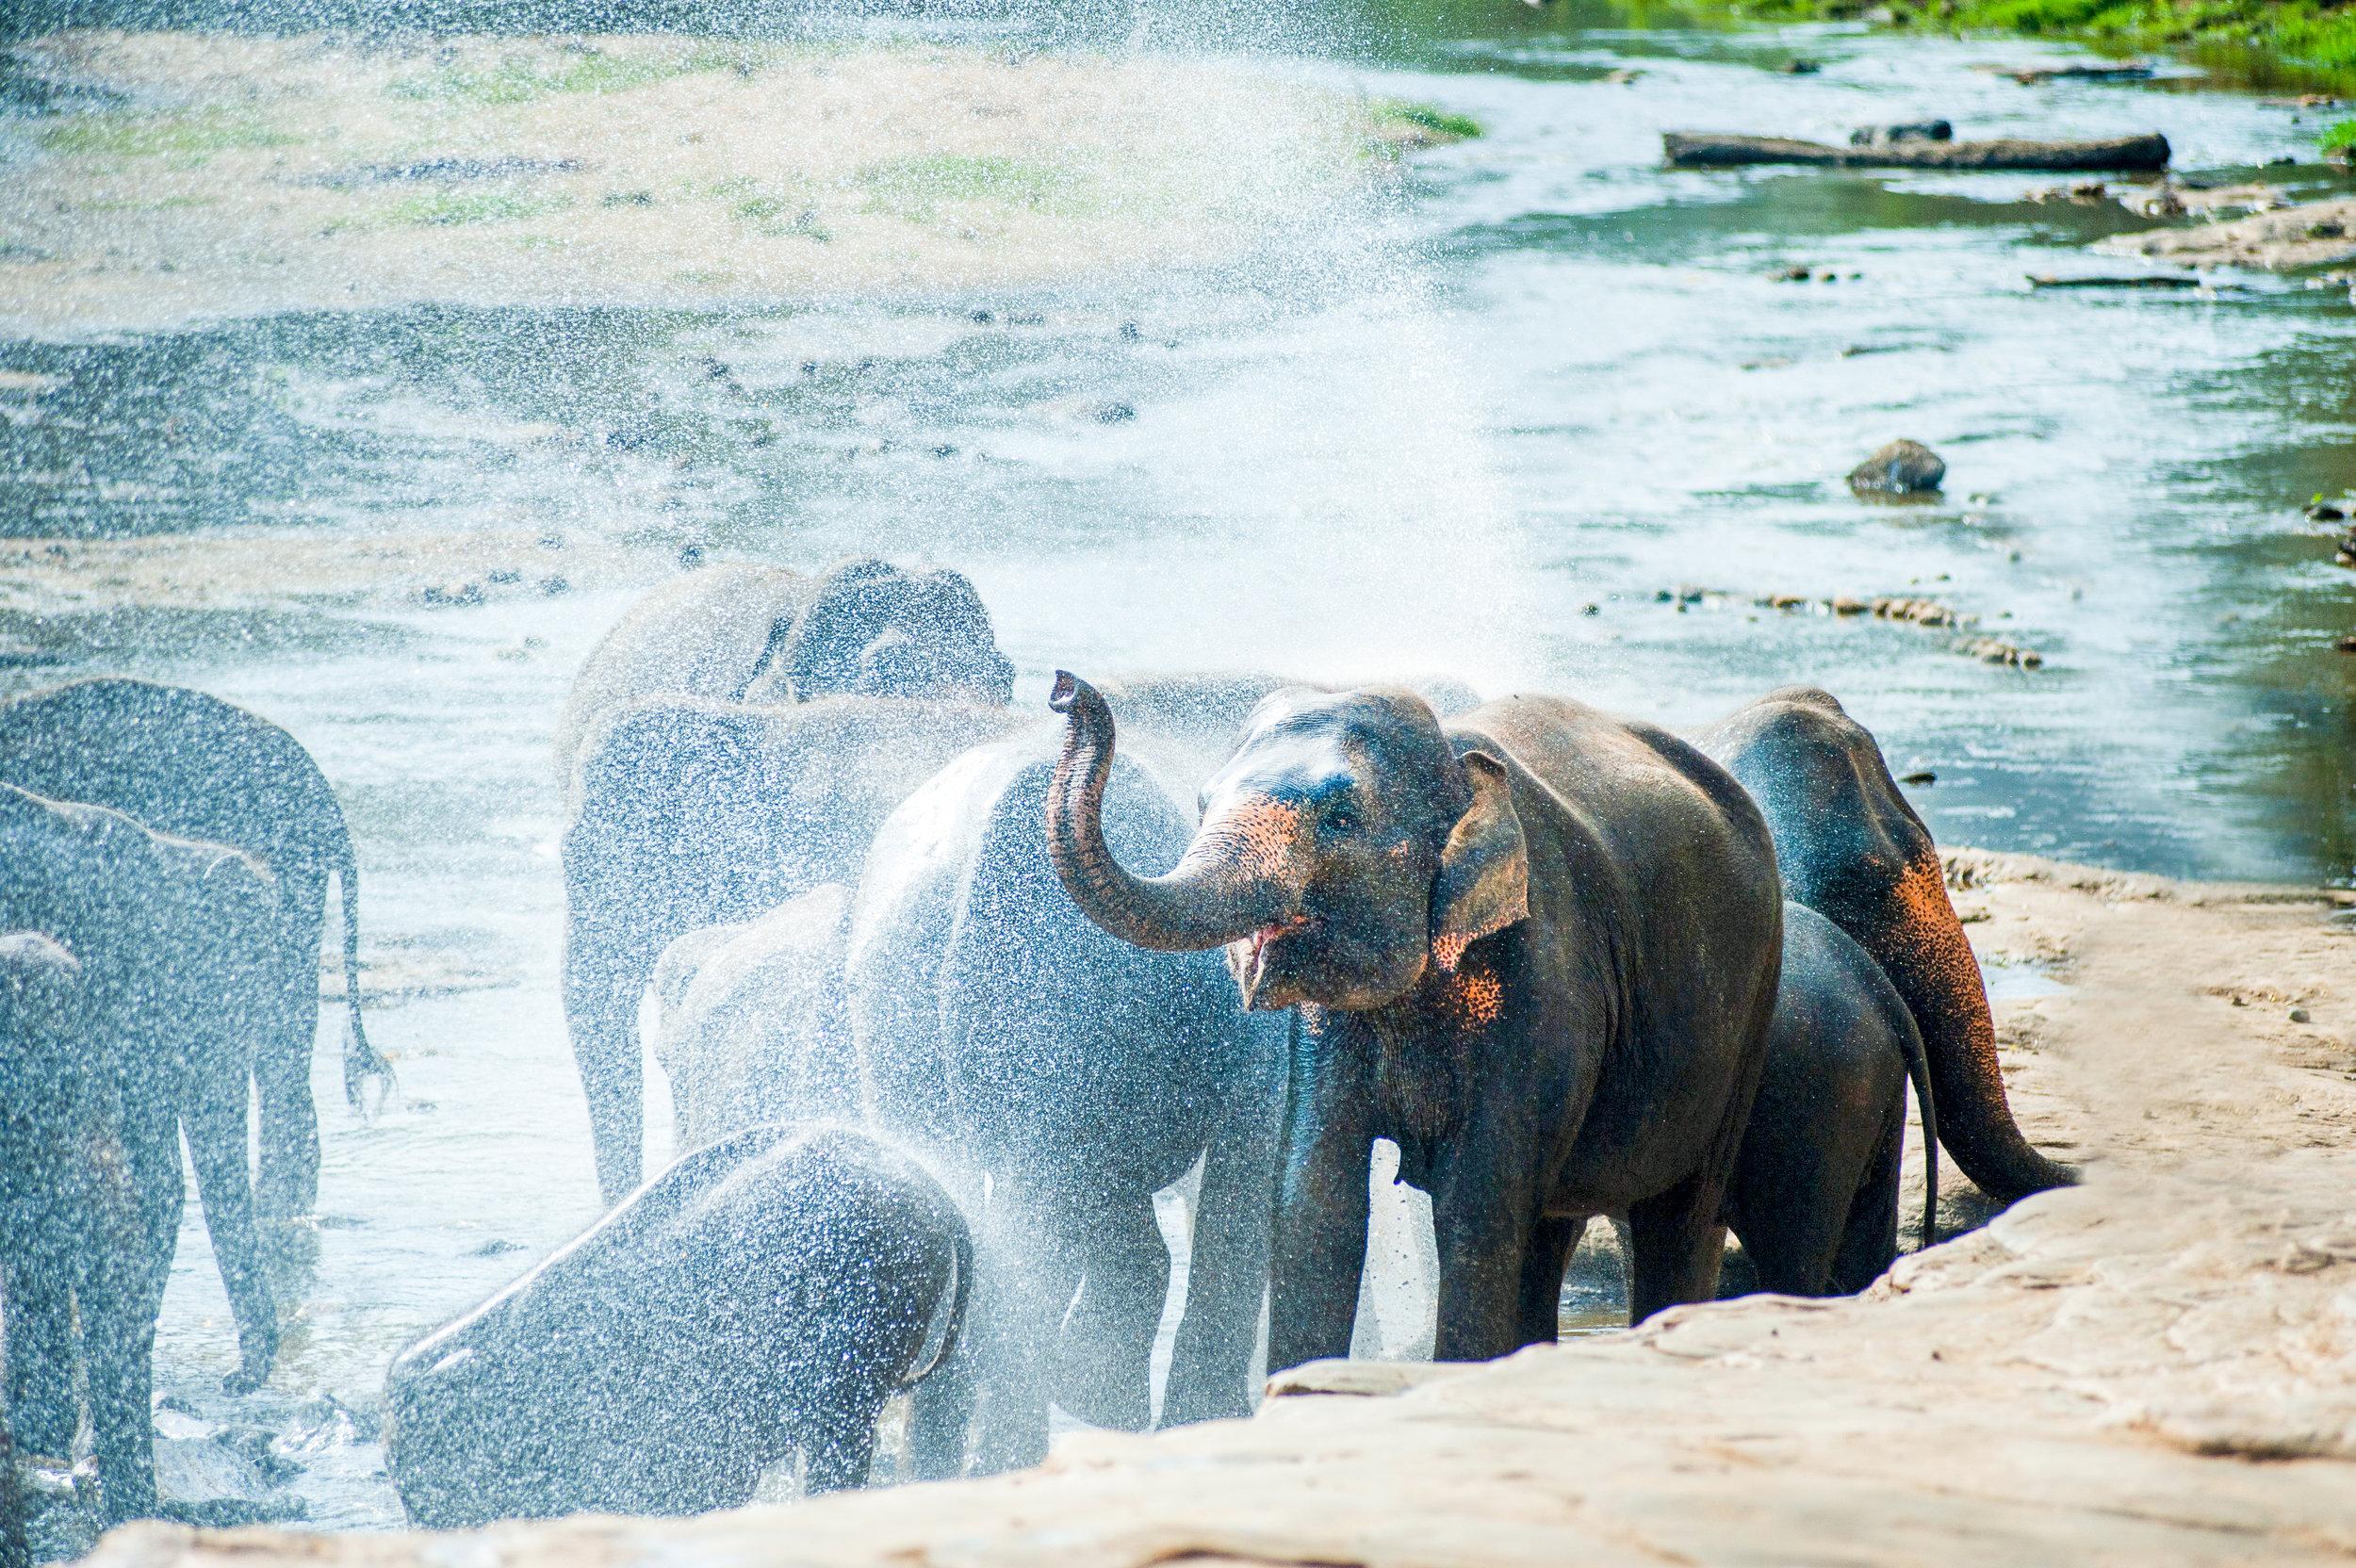 4-ElephantJungleSanctuary Chiang Mai.jpg